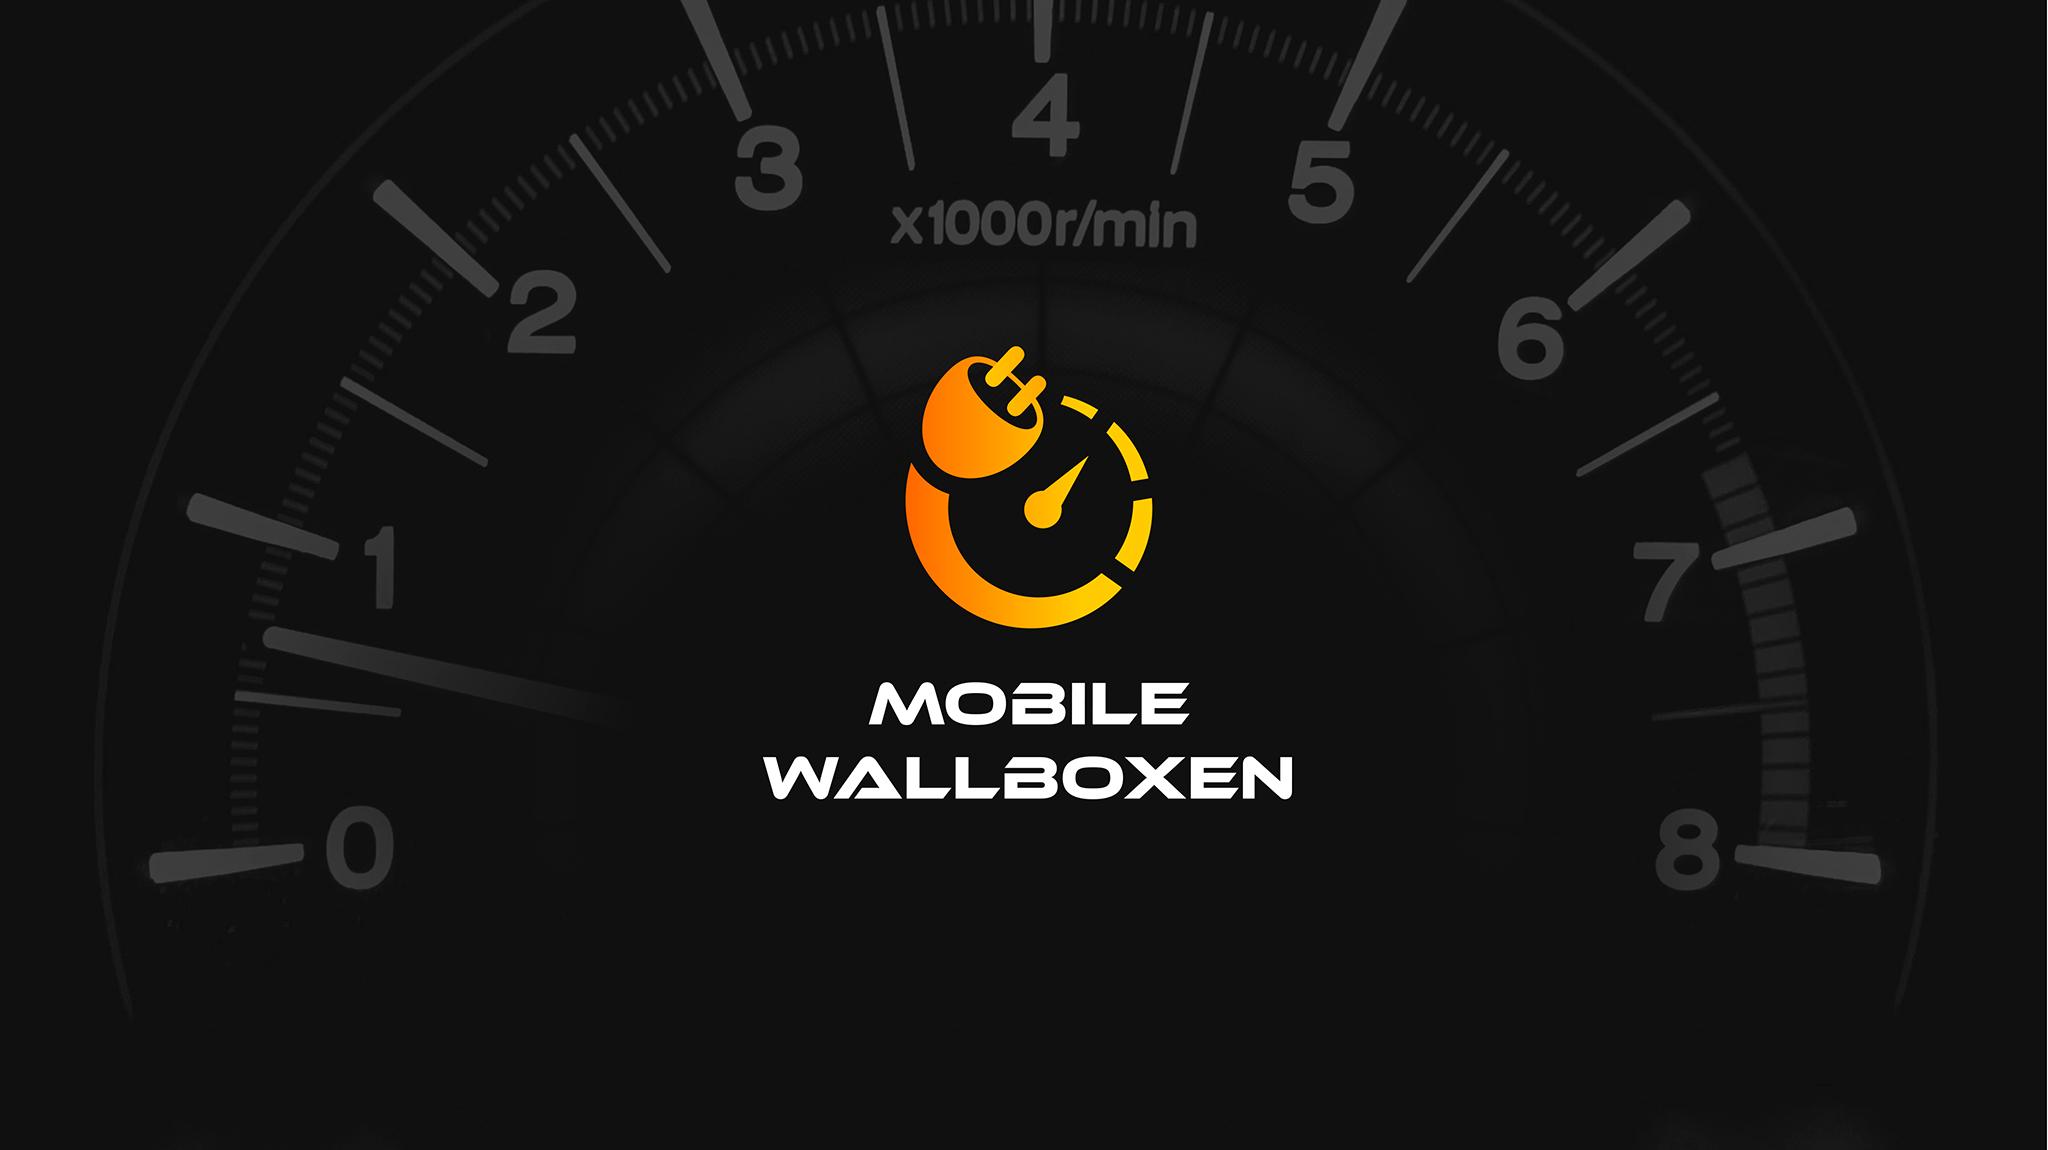 Mobile Wallboxen | Get #1 Branding Your Business | Branding Agency Branding